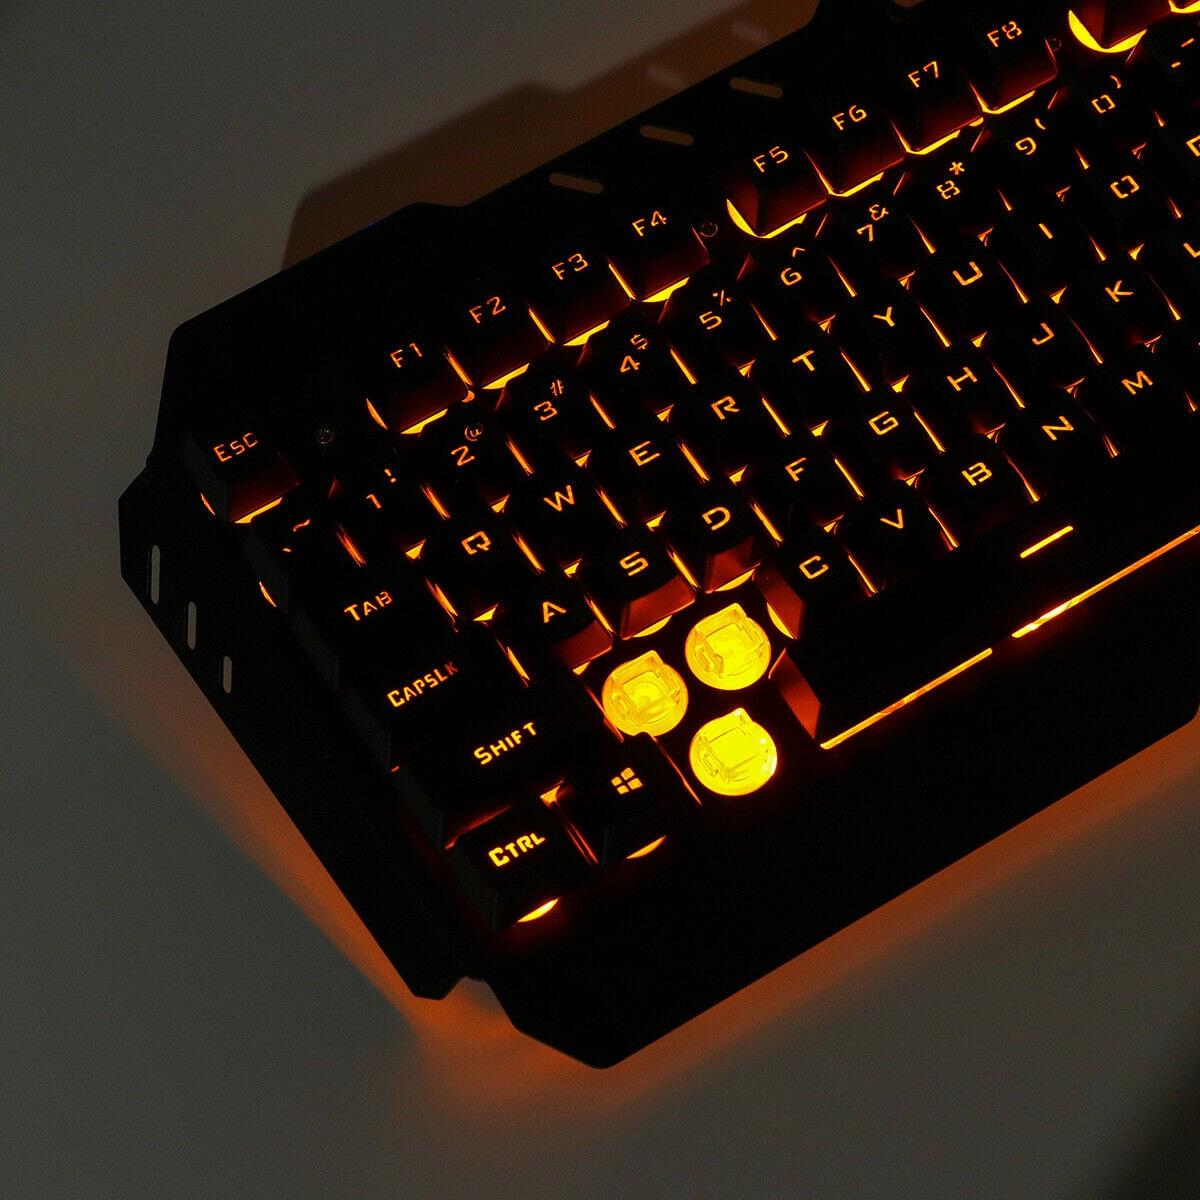 Desktop Gaming Keyboard + Mechanical Feel LED  Mouse with Light Backlit - 5